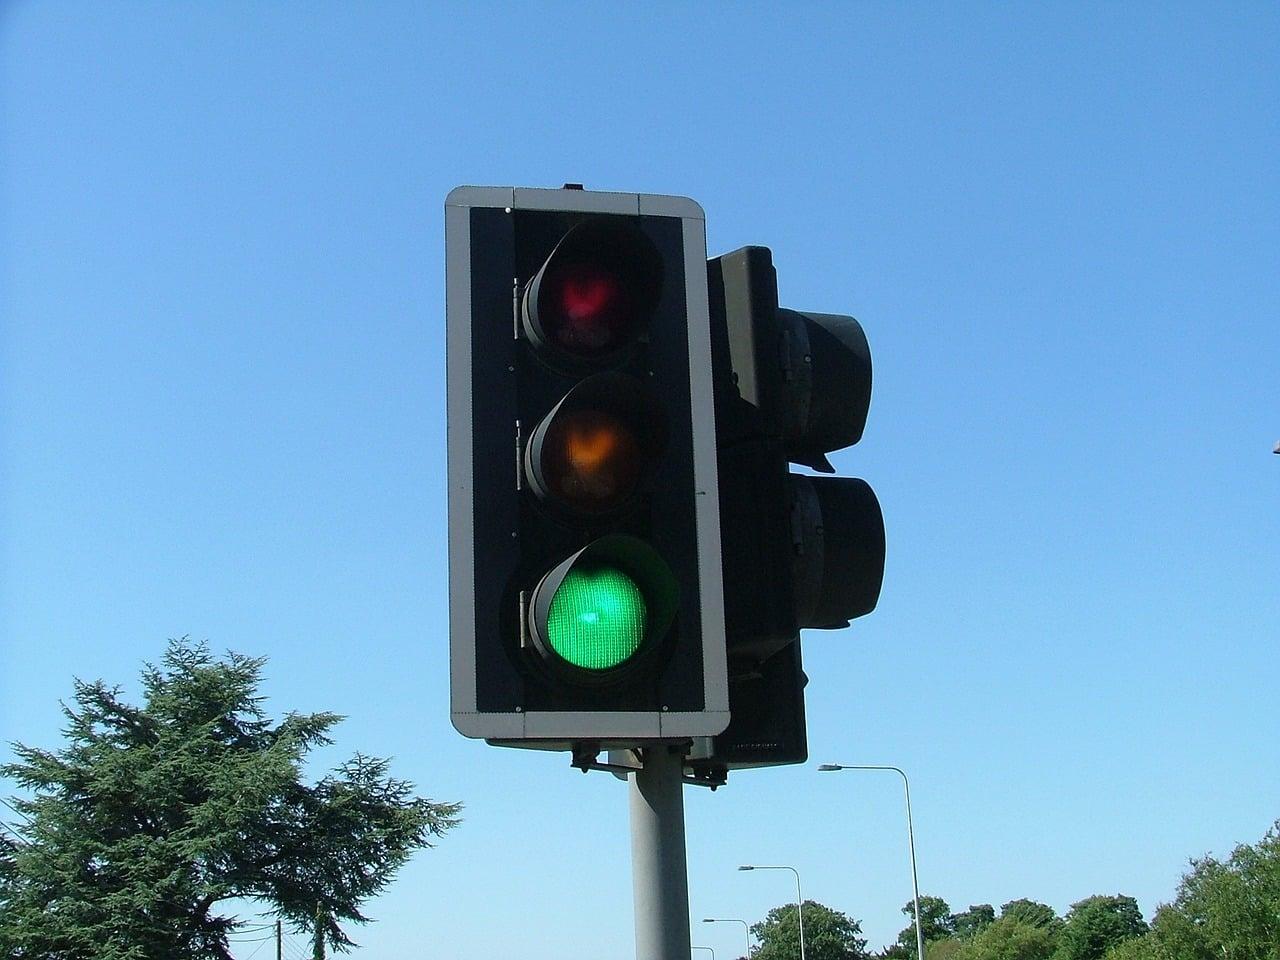 Sygnalizacja świetlna z nadawaniem priorytetu wprowadzona w polskim mieście